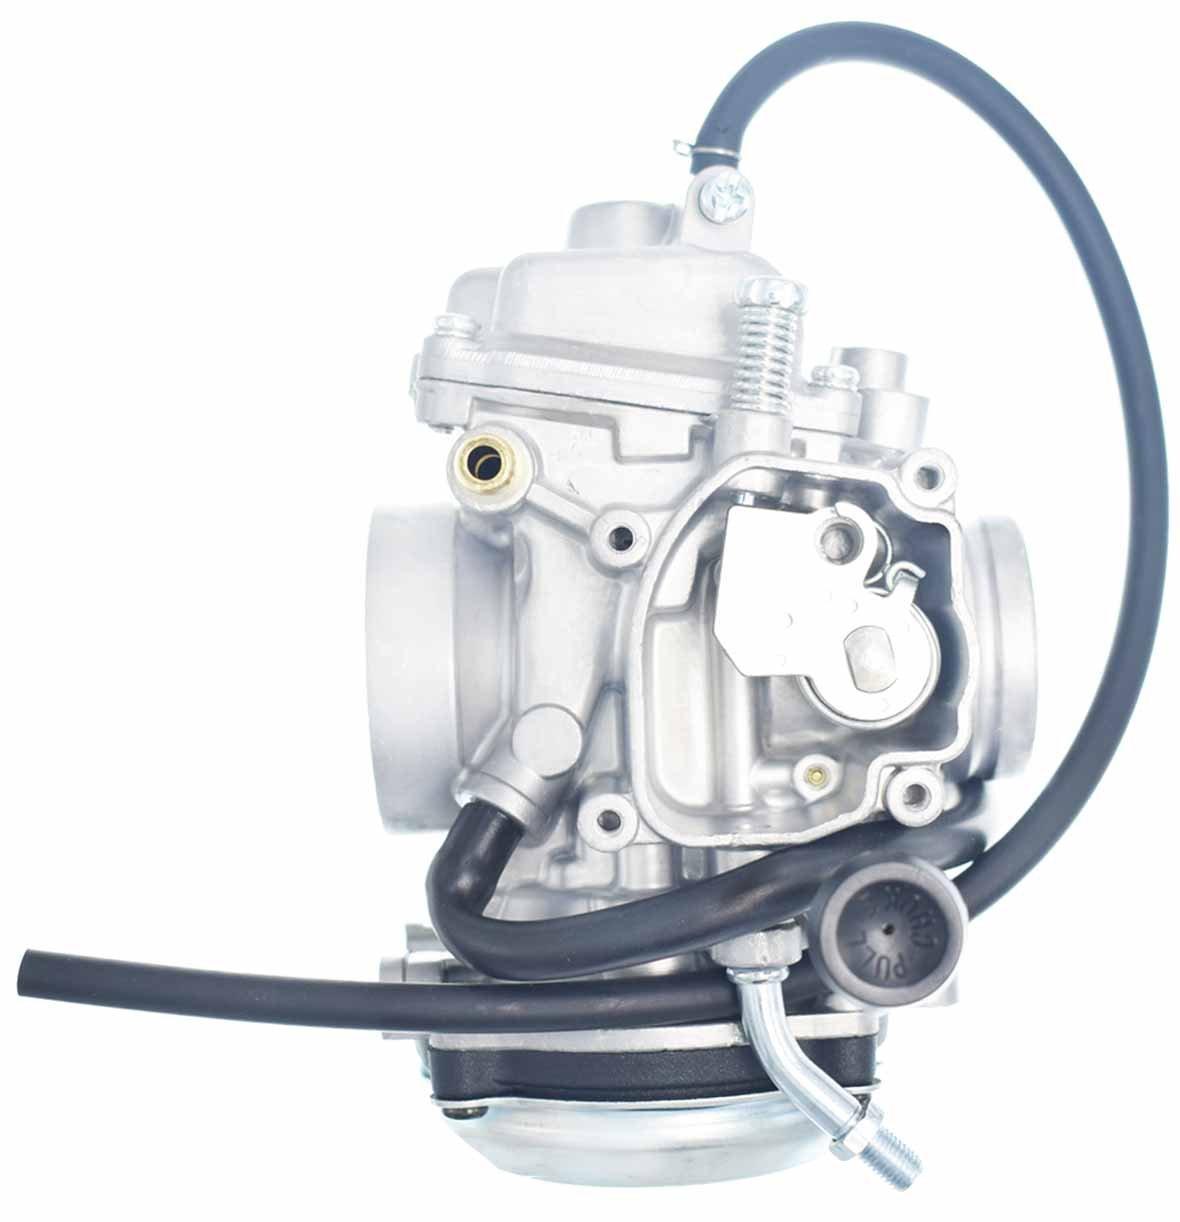 New YFM250 Carburetor Carb For Yamaha Bear Tracker YFM 250 YFM250/ATV 1999-2004 FYH